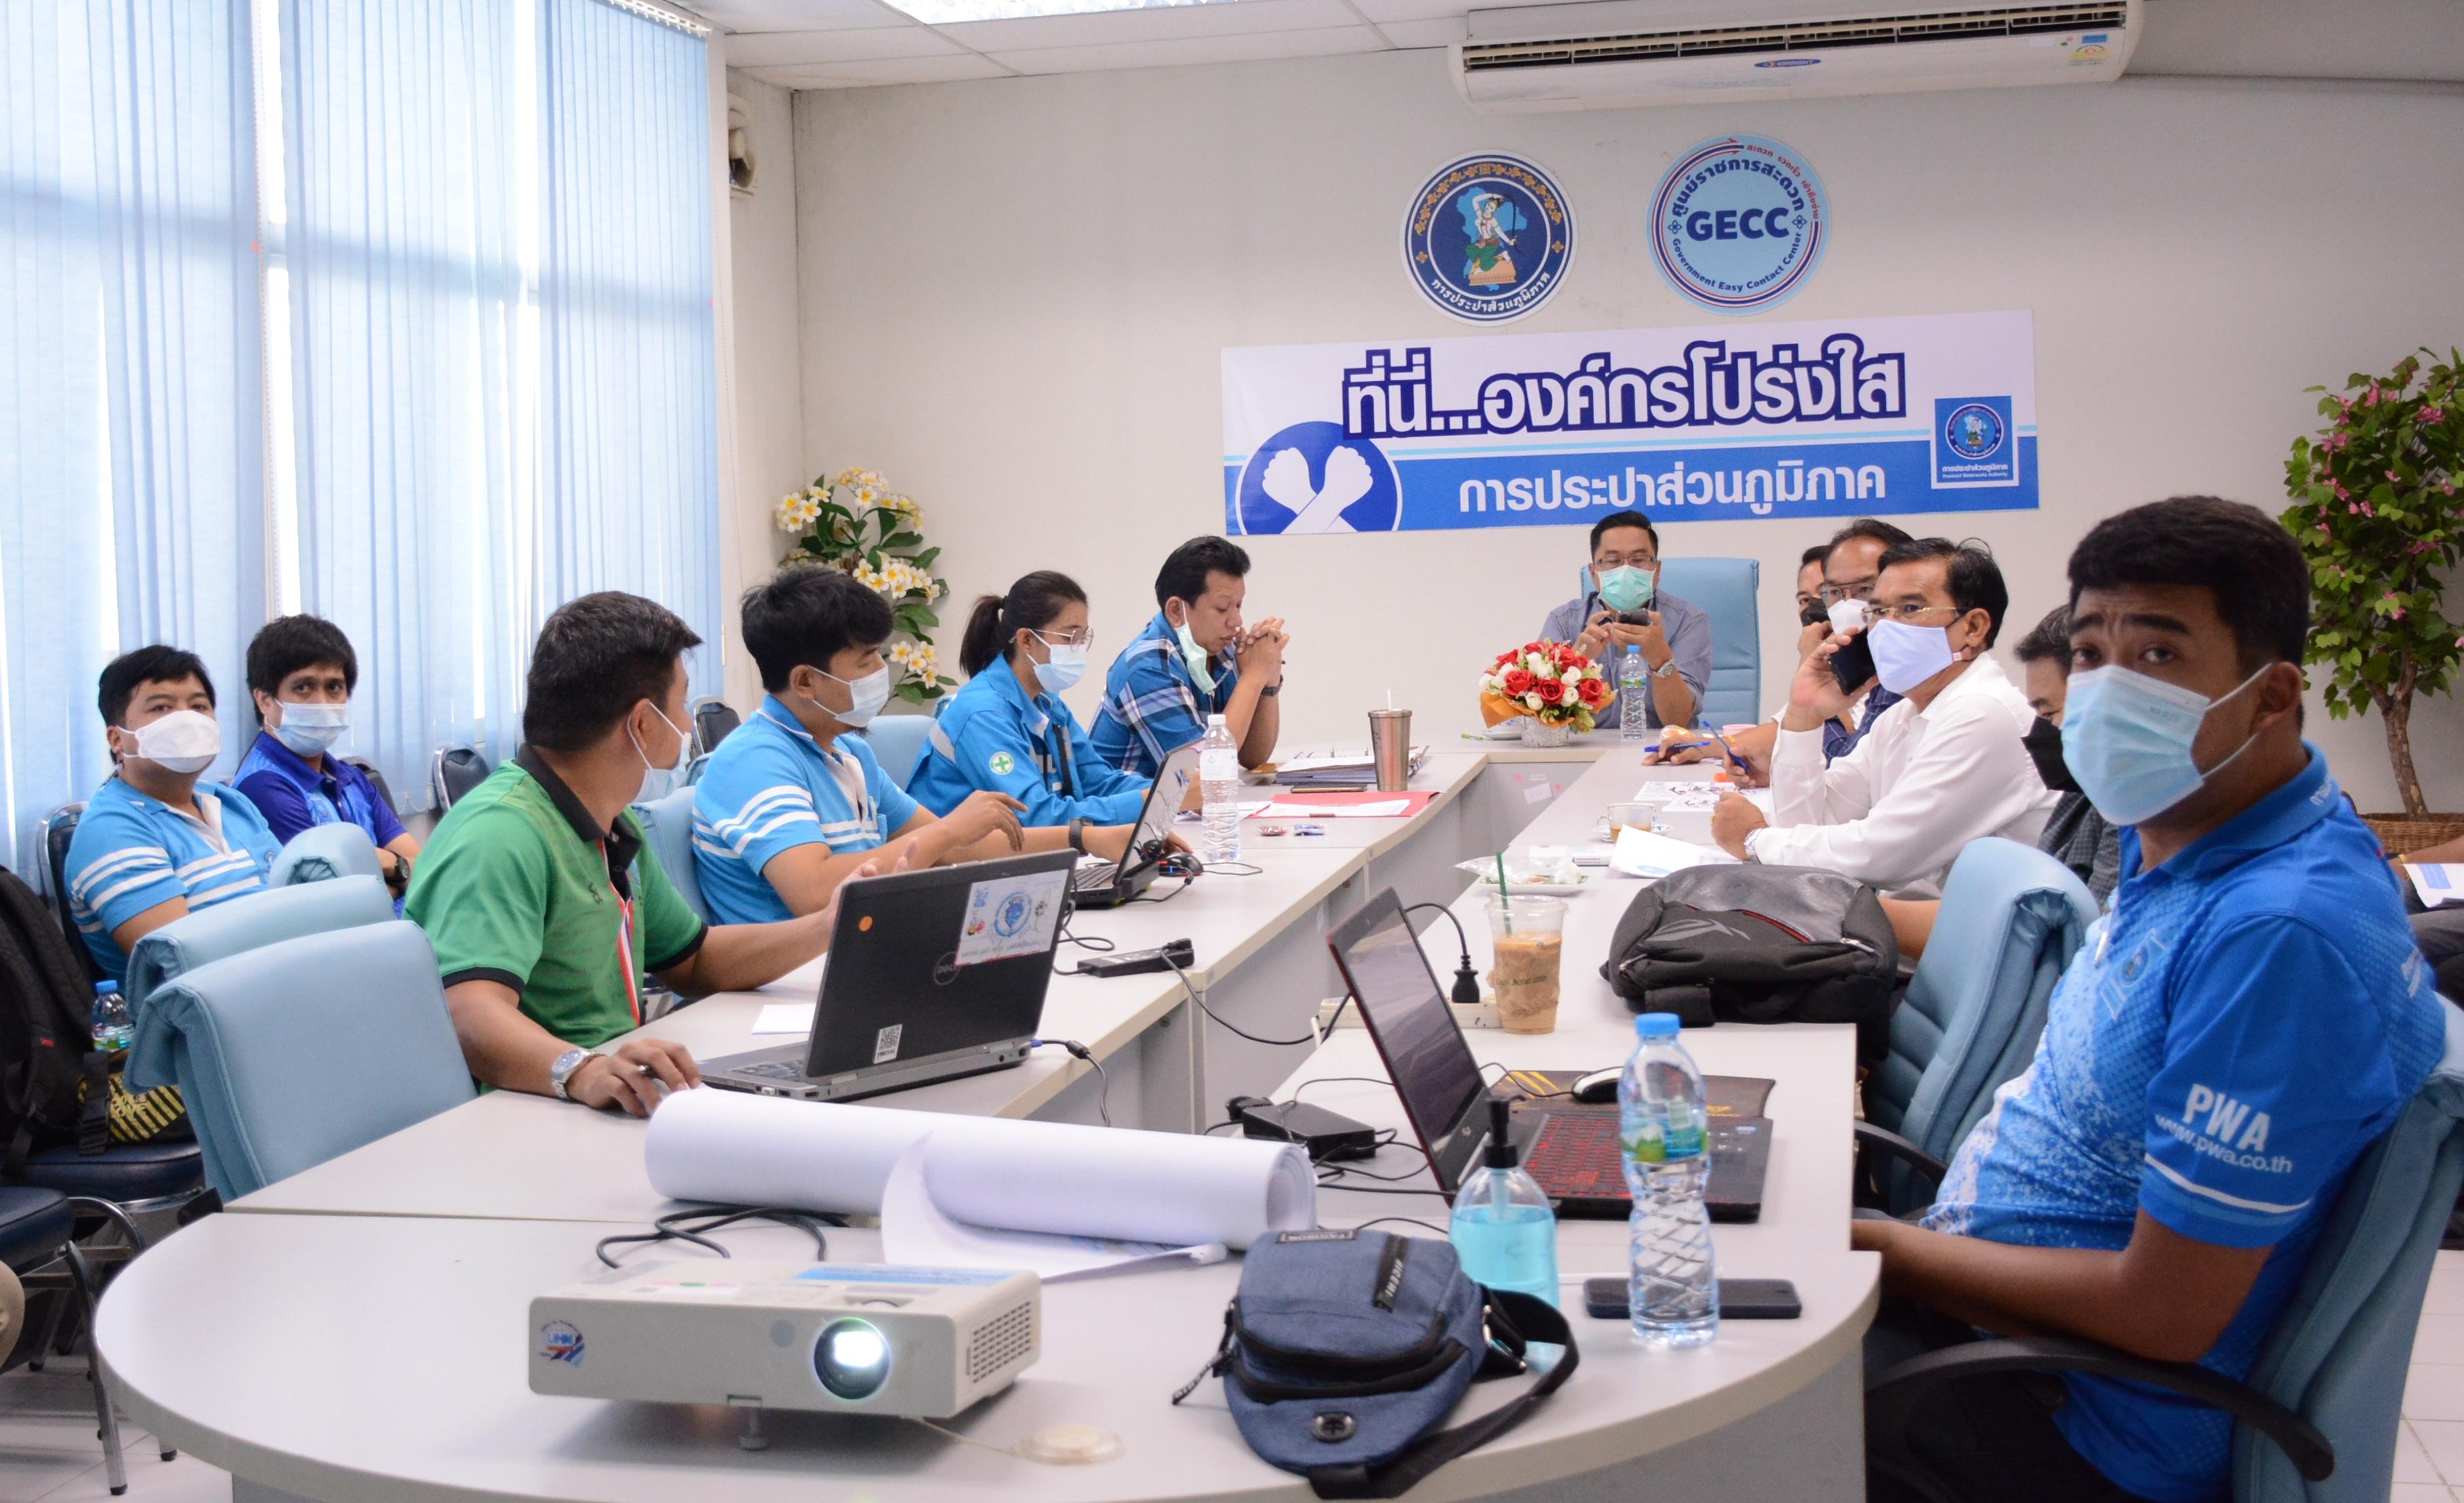 กปภ.สาขารังสิต(พ)ร่วมประชุมติดตามความคืบหน้า การจัดการลดน้ำสูญเสีย (เร่งด่วน) ตามนโยบาย  การวางแผนในการก่อสร้างป